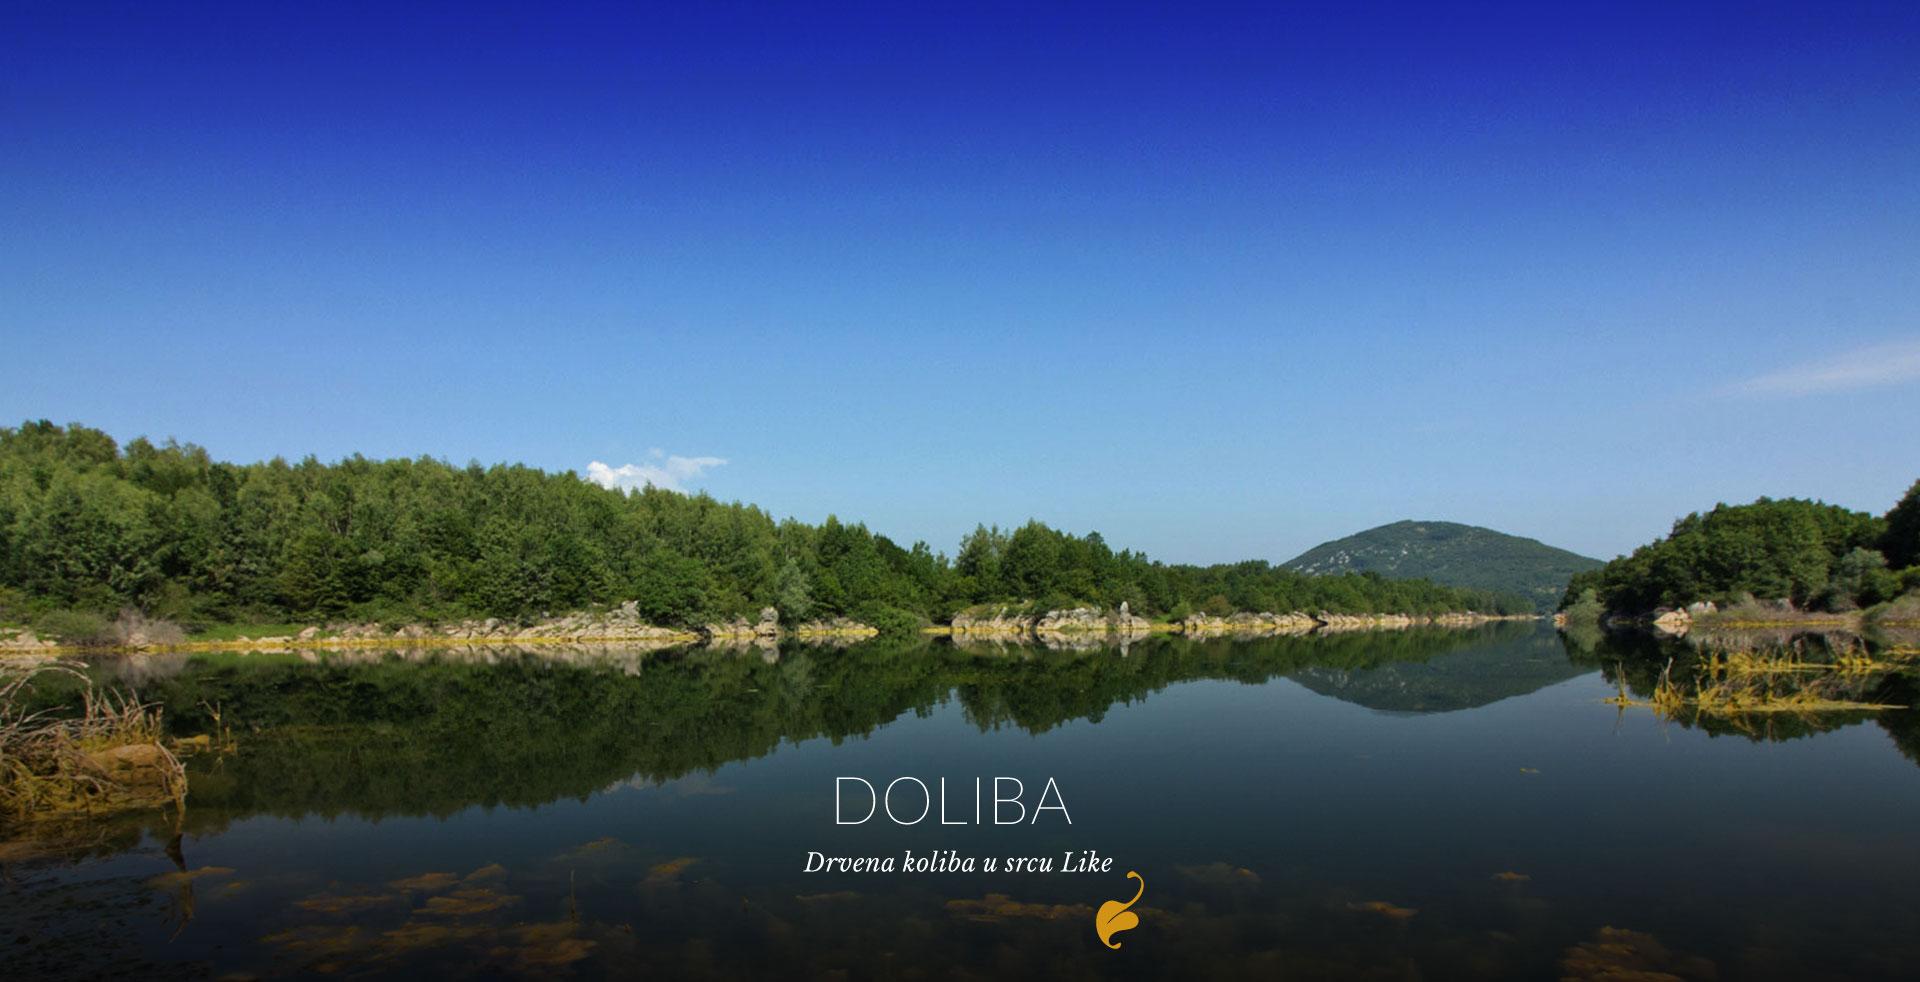 doliba_slide2